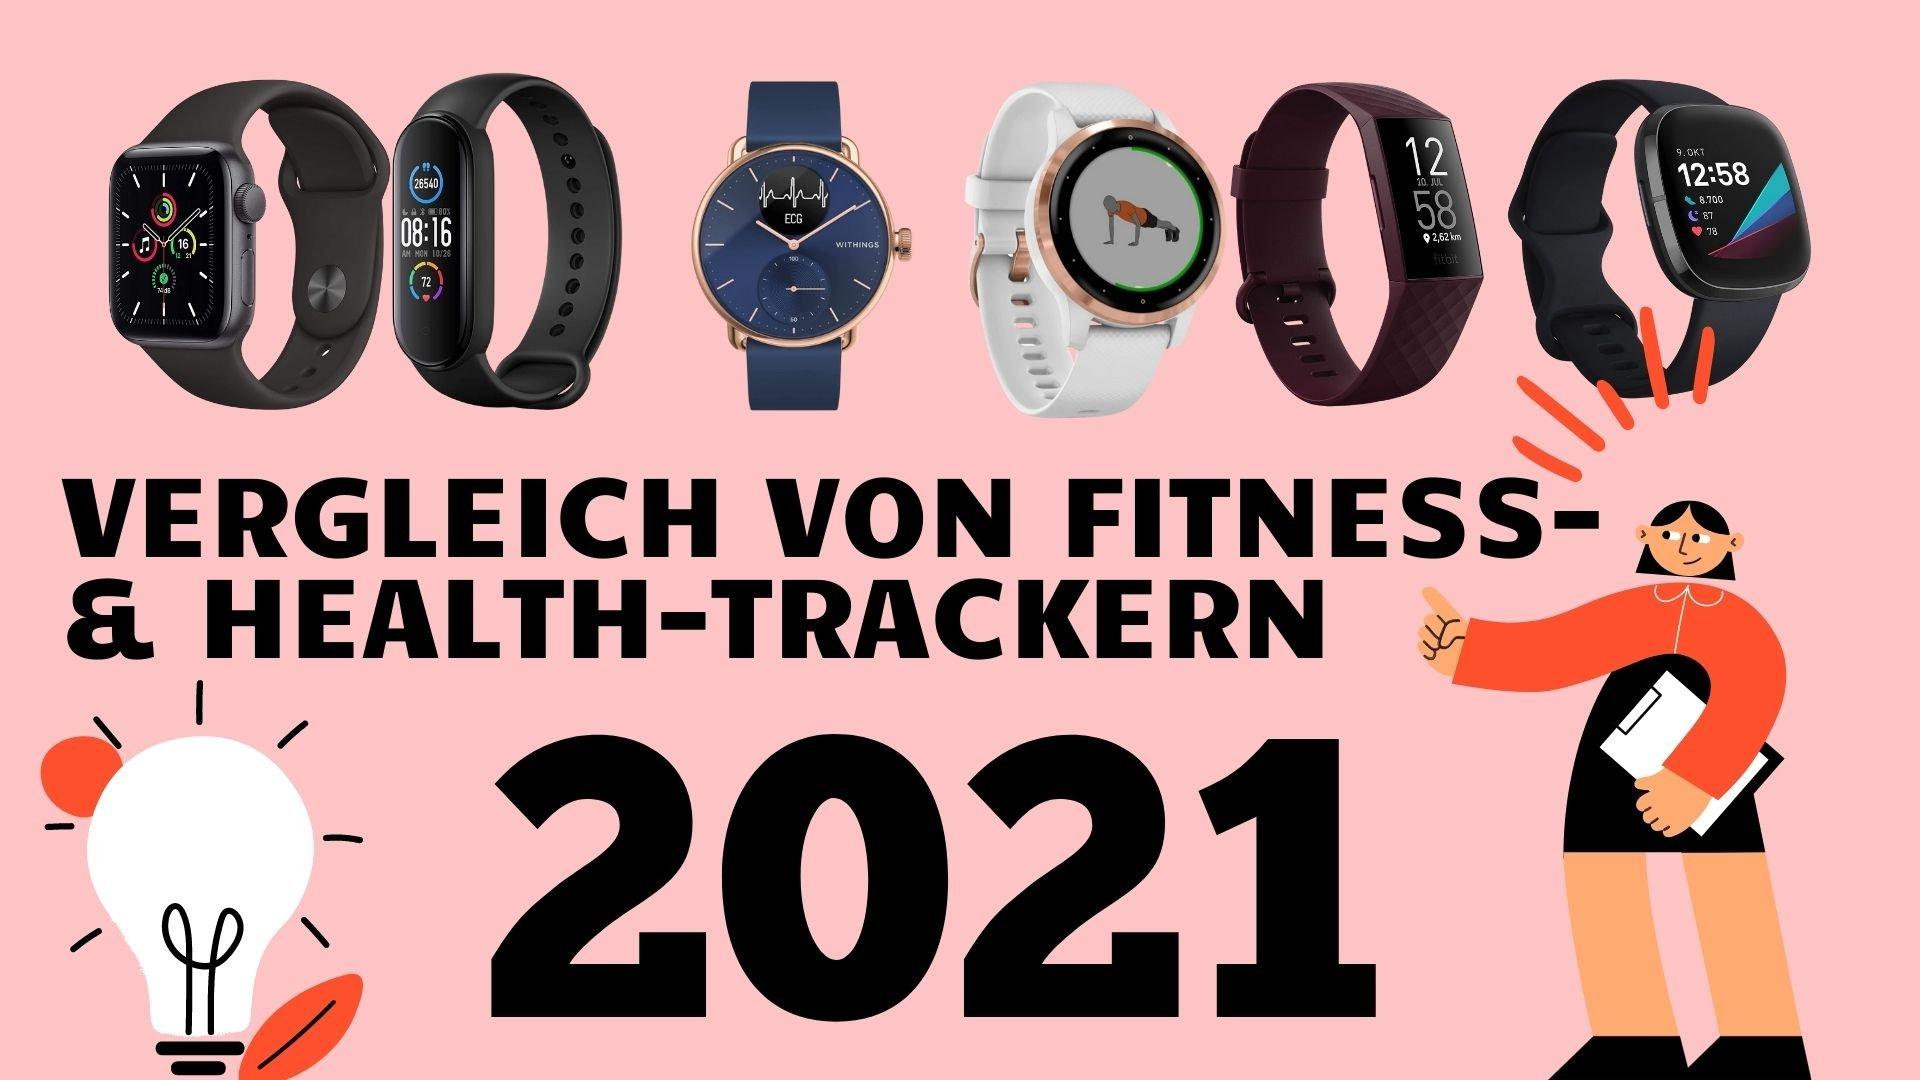 Vergleich von Fitness- und Gesundheits-Smartwatches 2021